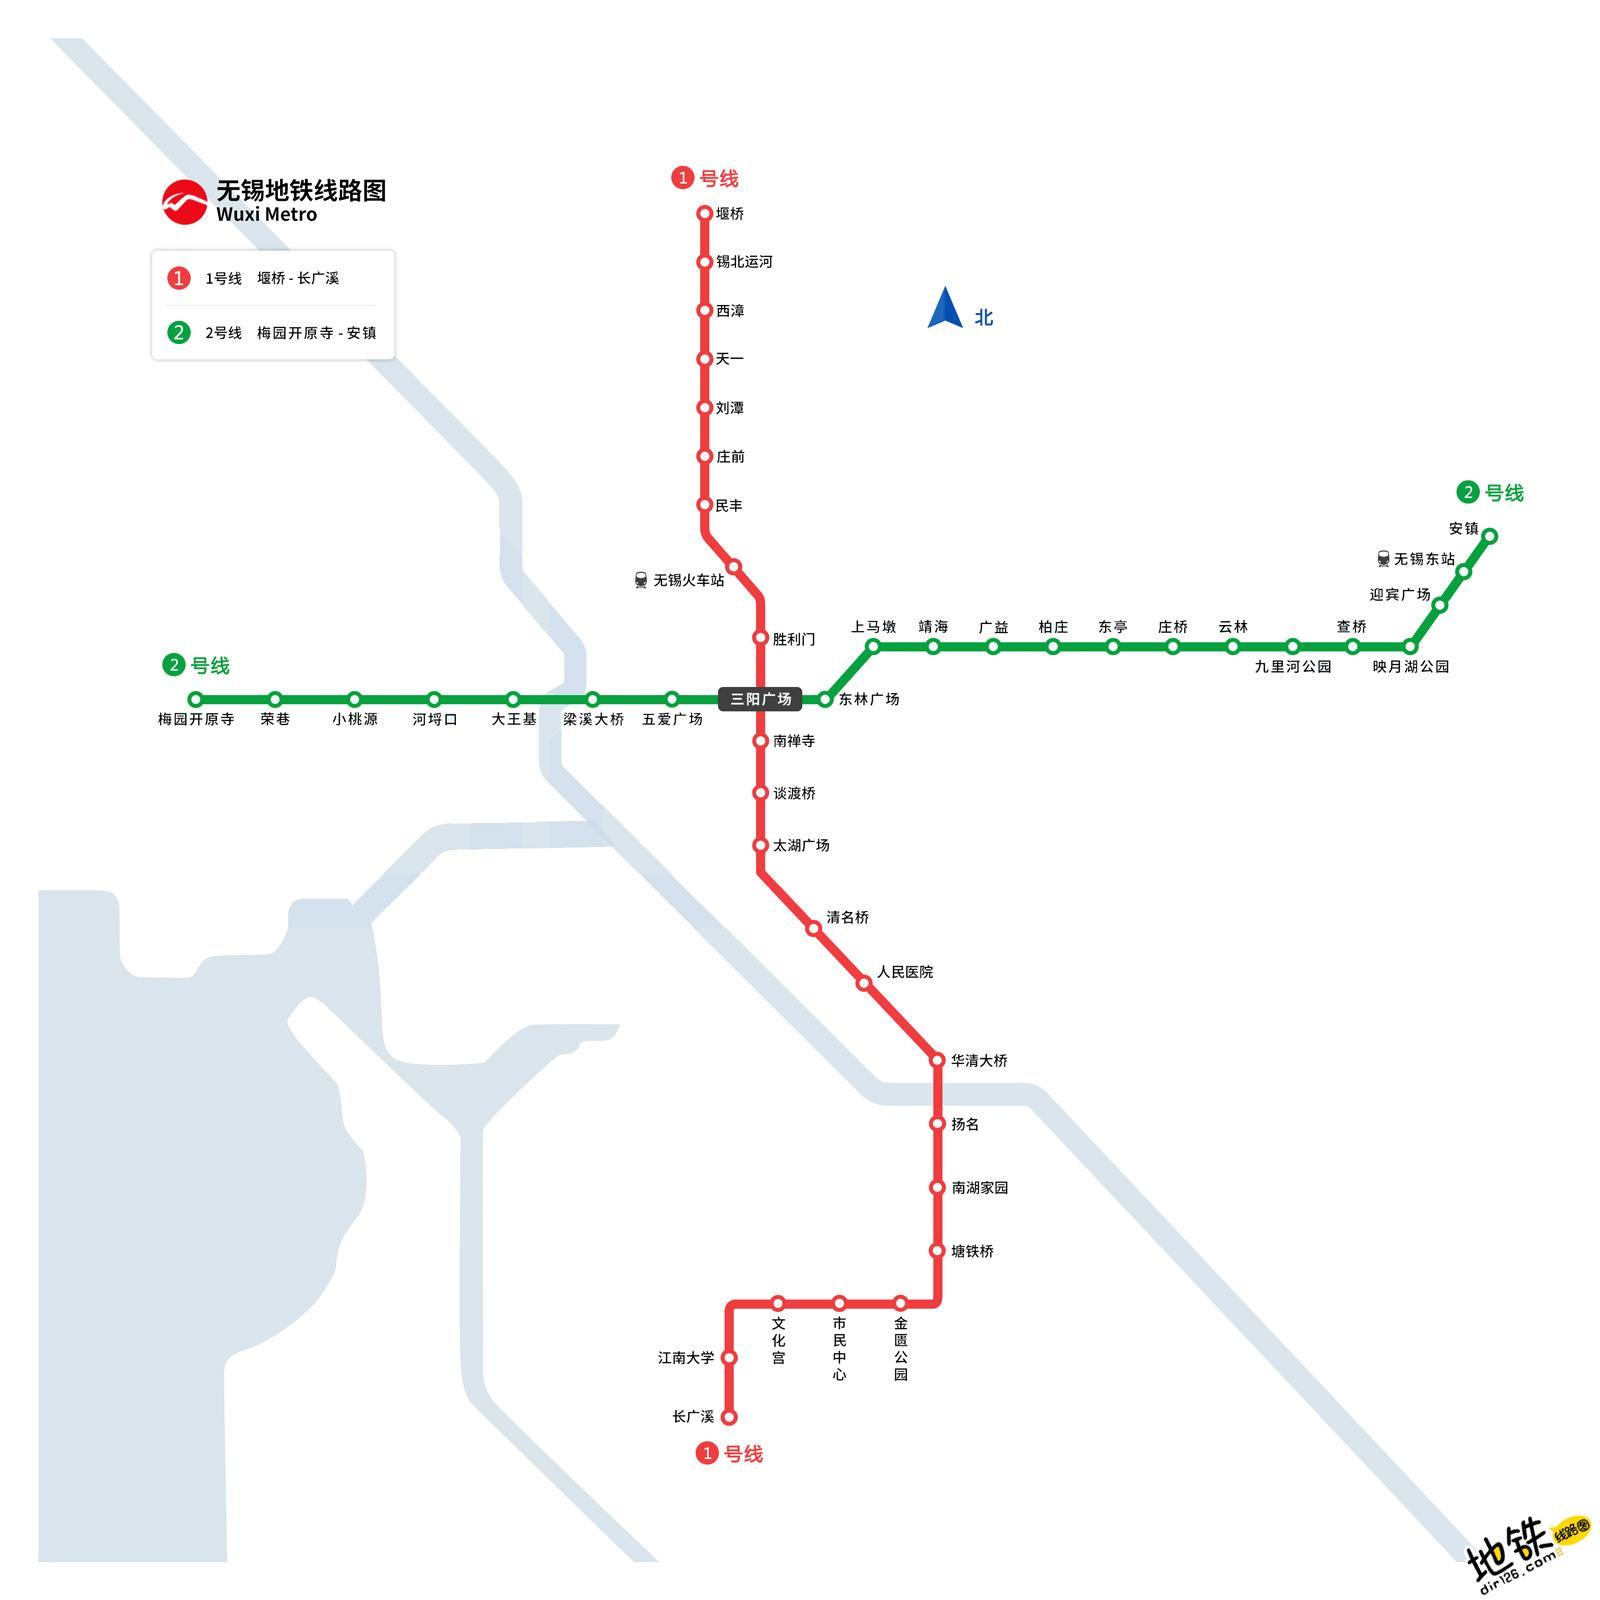 无锡地铁线路图 运营时间票价站点 查询下载 无锡地铁查询 无锡地铁线路图 无锡地铁票价 无锡地铁运营时间 无锡地铁 无锡地铁线路图  第1张